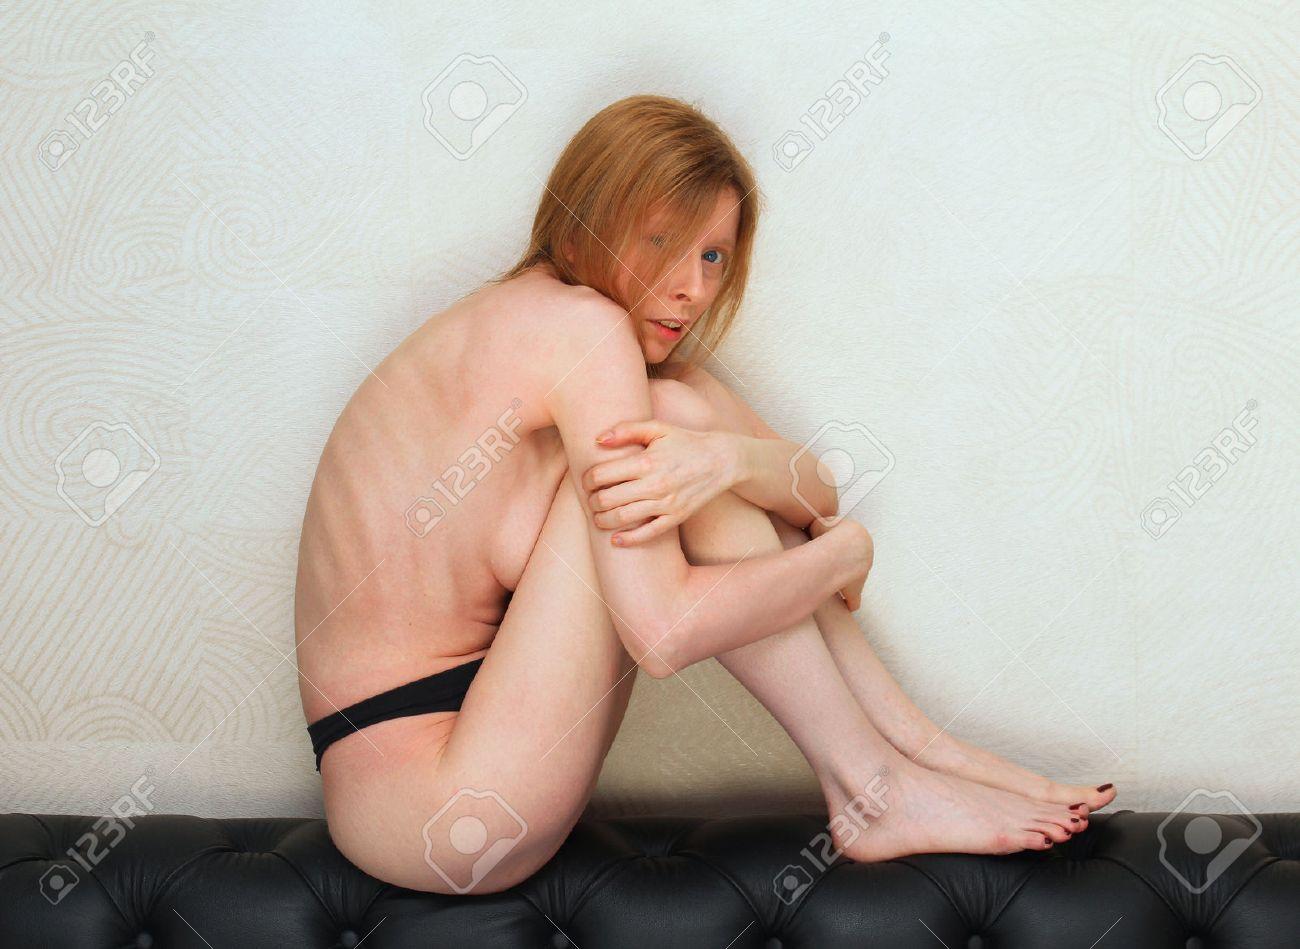 Смотреть порно девочка страдает 23 фотография